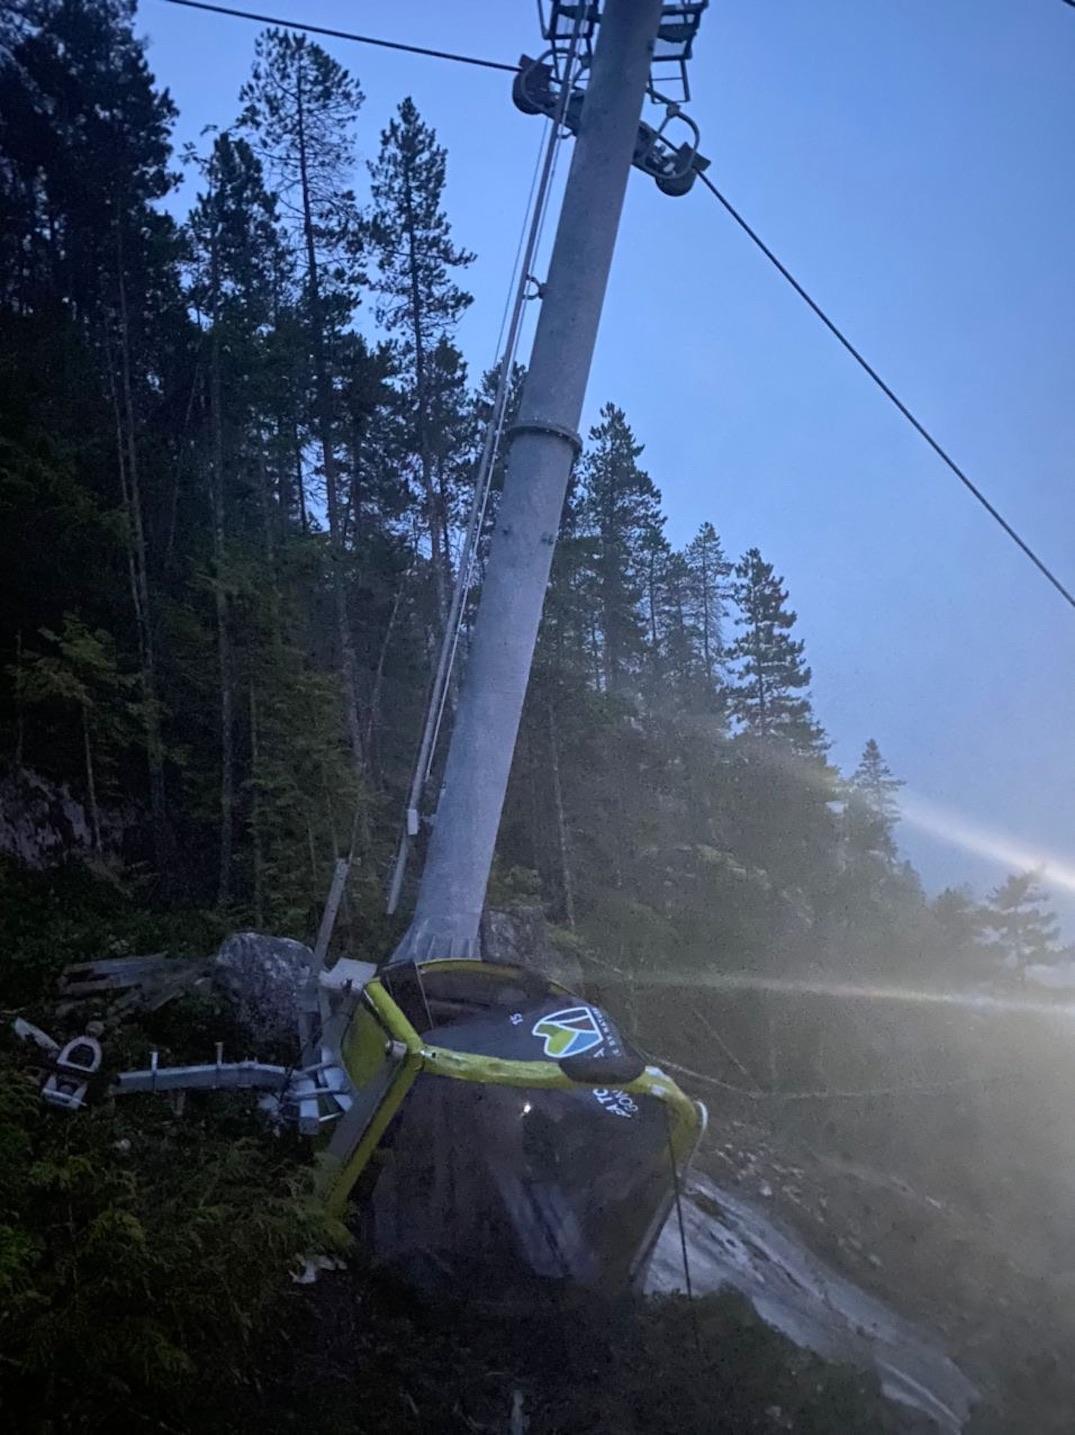 sea to sky gondola collapse september 14 2020